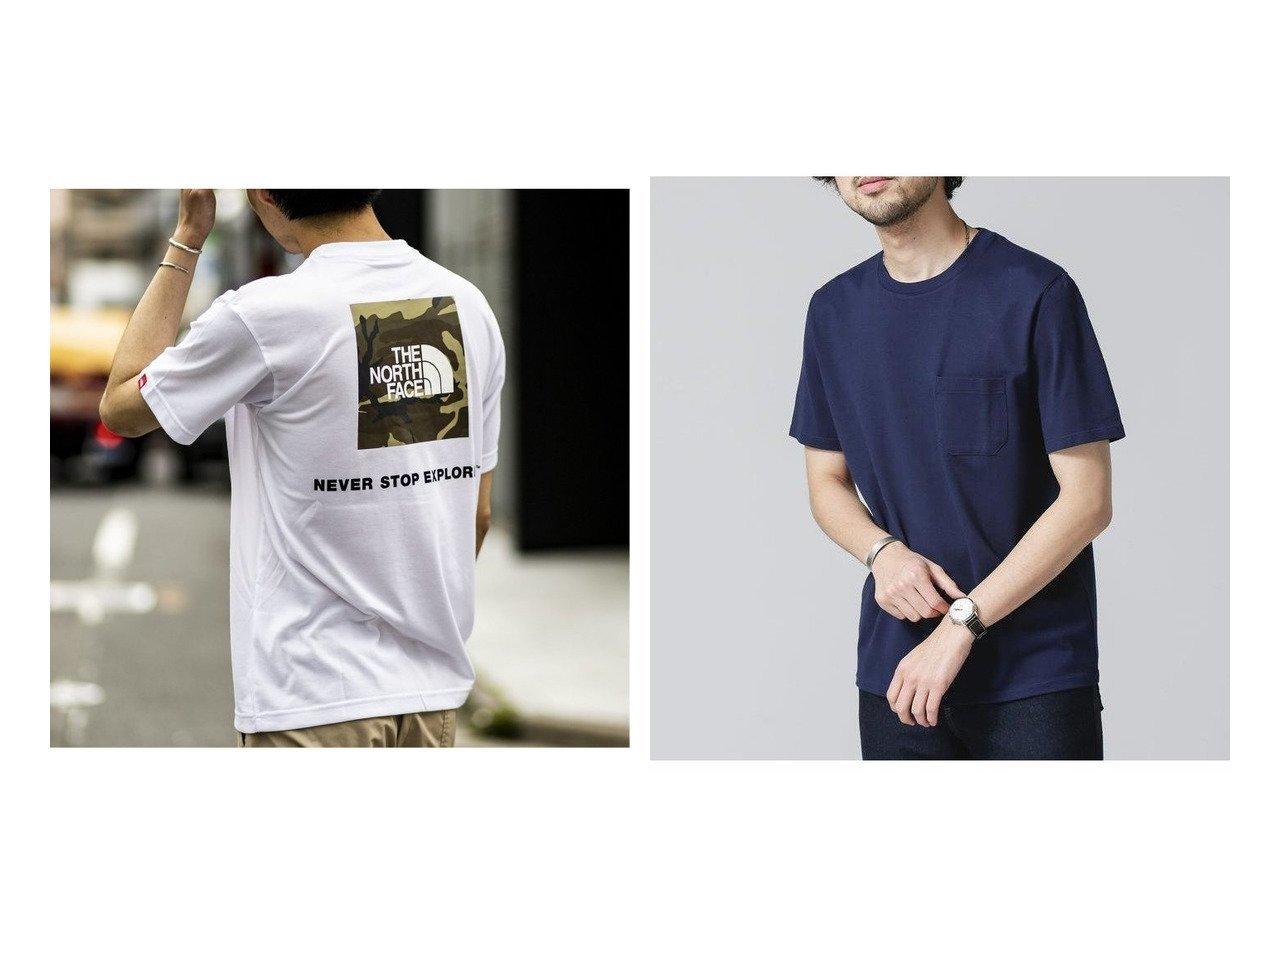 【nano universe / MEN/ナノ ユニバース】の《汗染み防止》Anti Soaked ヘビークルーネックTシャツ&【417 by EDIFICE / MEN/フォーワンセブン バイ エディフィス】の【 ザ ノースフェイス】S SQUARE CAMOFLUGE TEE 【MEN】おすすめ!人気トレンド・男性、メンズファッションの通販   おすすめで人気の流行・トレンド、ファッションの通販商品 インテリア・家具・メンズファッション・キッズファッション・レディースファッション・服の通販 founy(ファニー) https://founy.com/ ファッション Fashion メンズファッション MEN トップス・カットソー Tops/Tshirt/Men シャツ Shirts S/S・春夏 SS・Spring/Summer カリフォルニア フェイス 再入荷 Restock/Back in Stock/Re Arrival 夏 Summer  ID:crp329100000060717